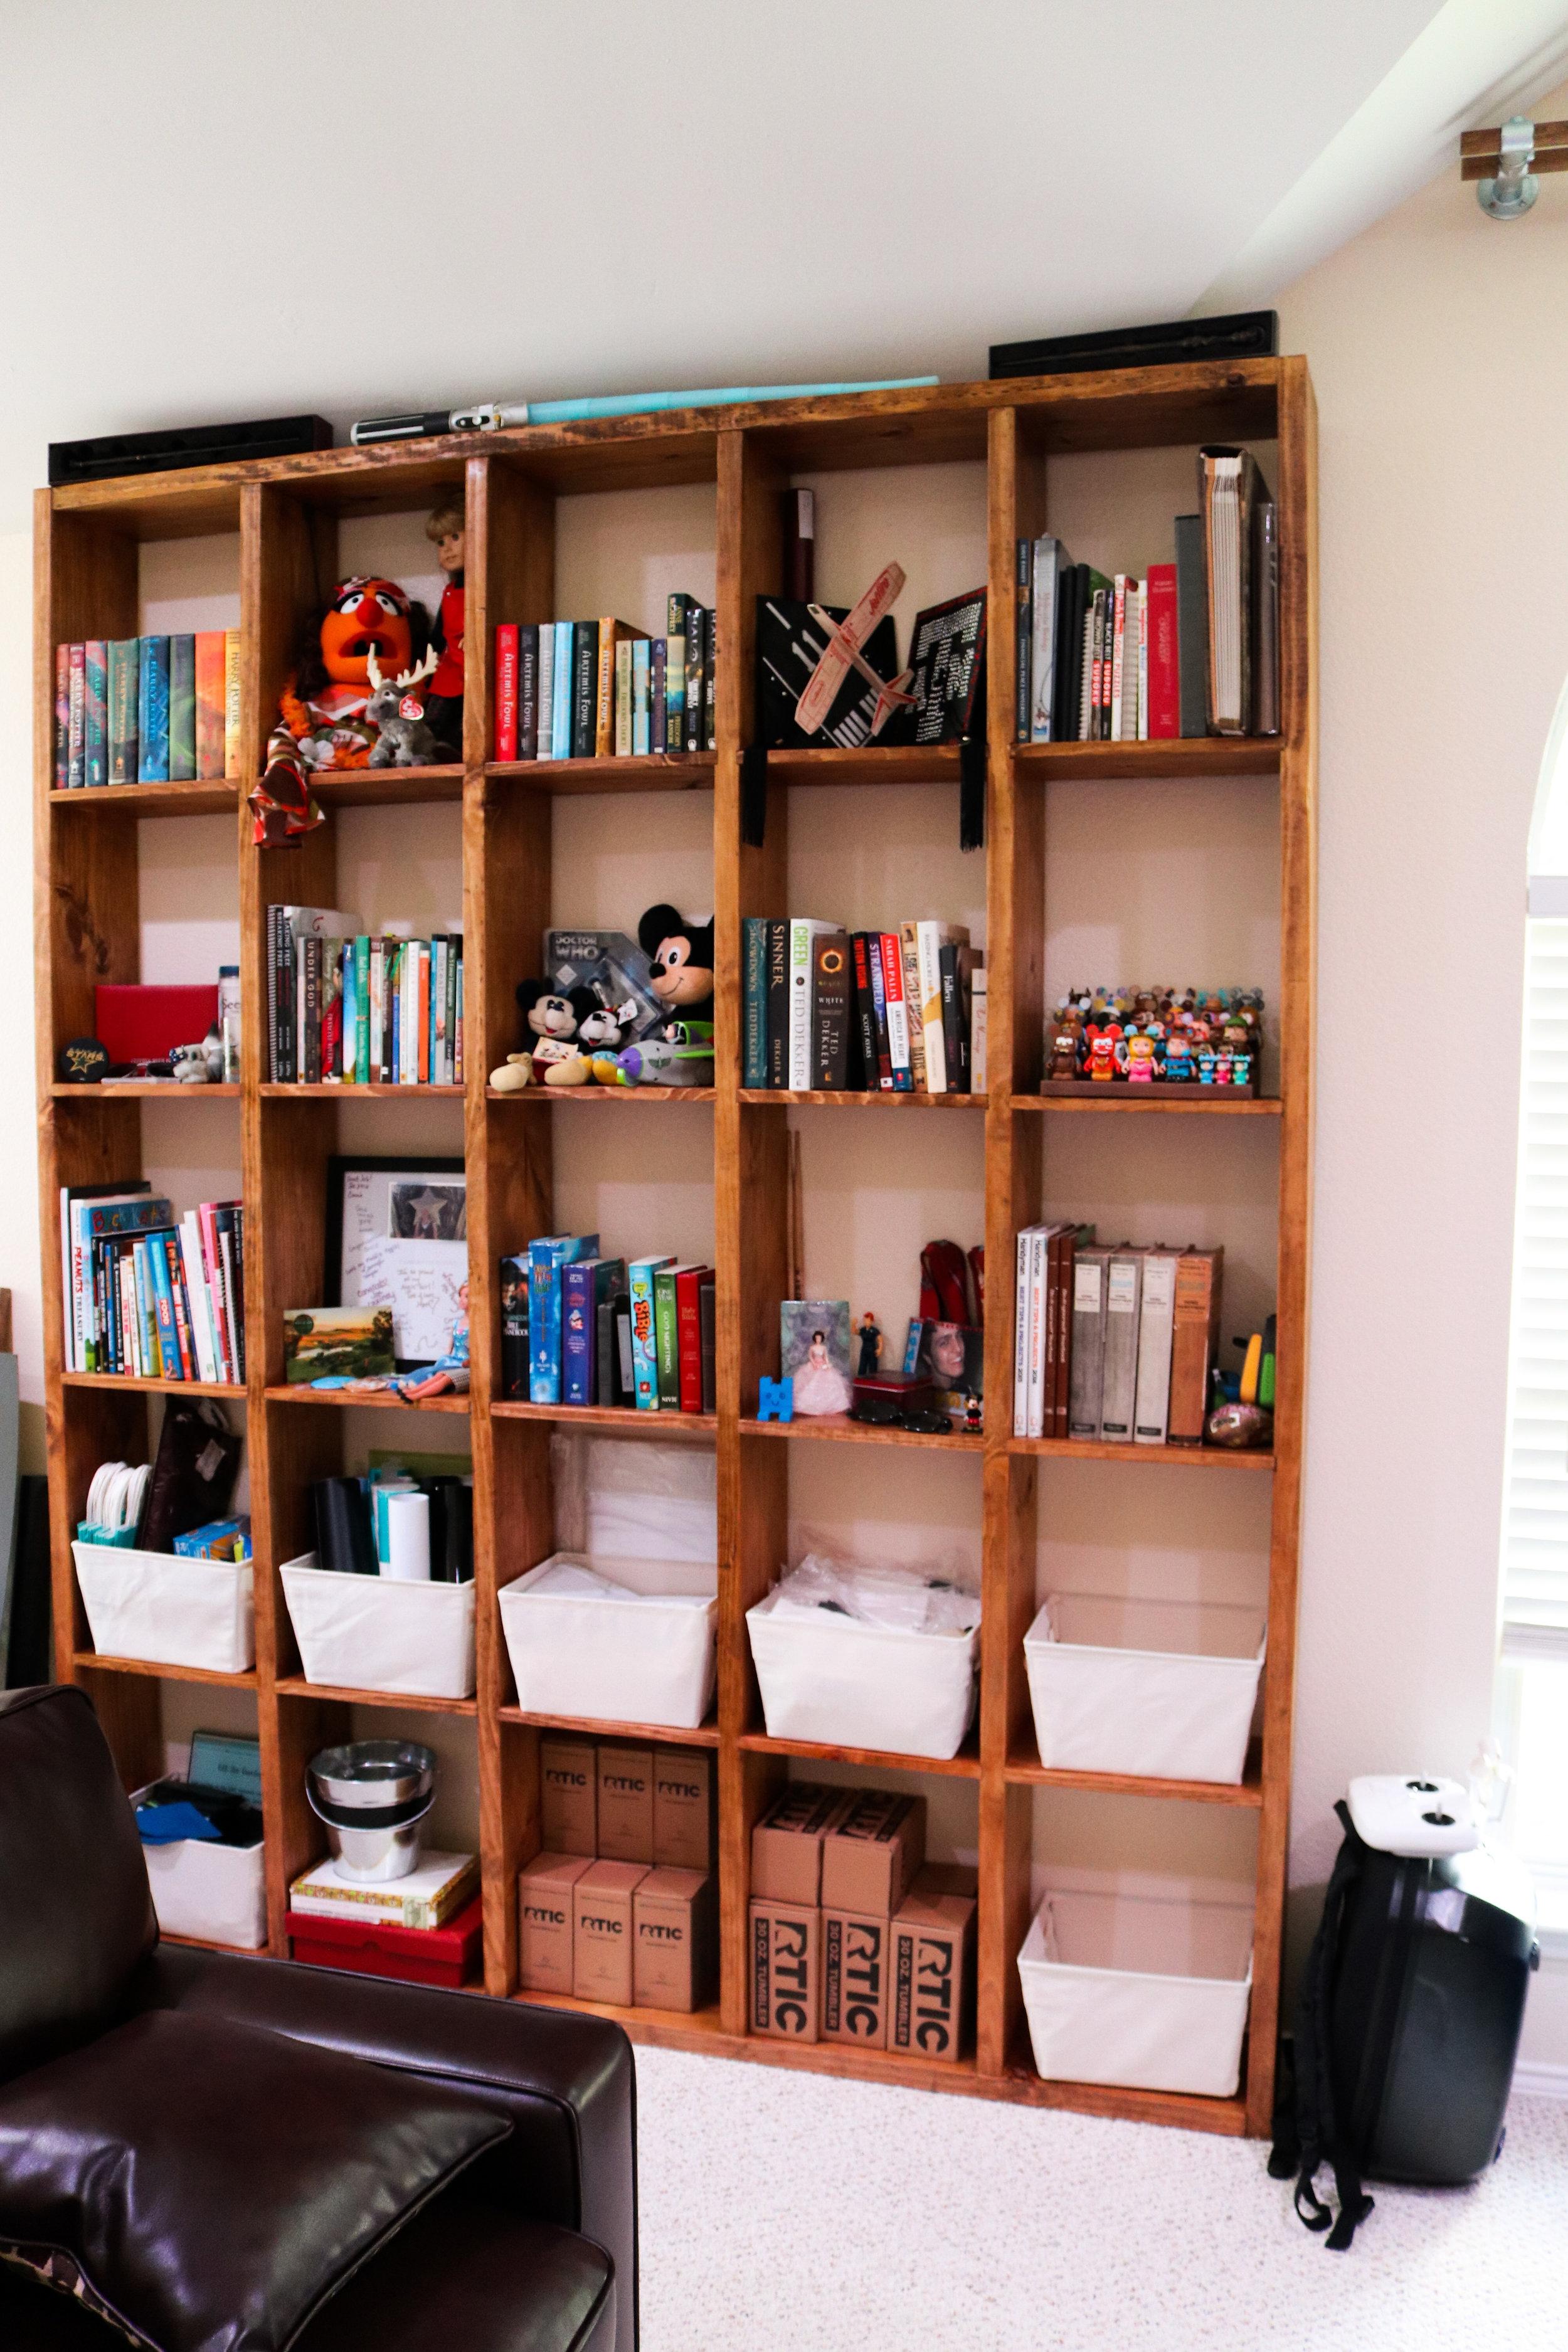 The Bookcase!